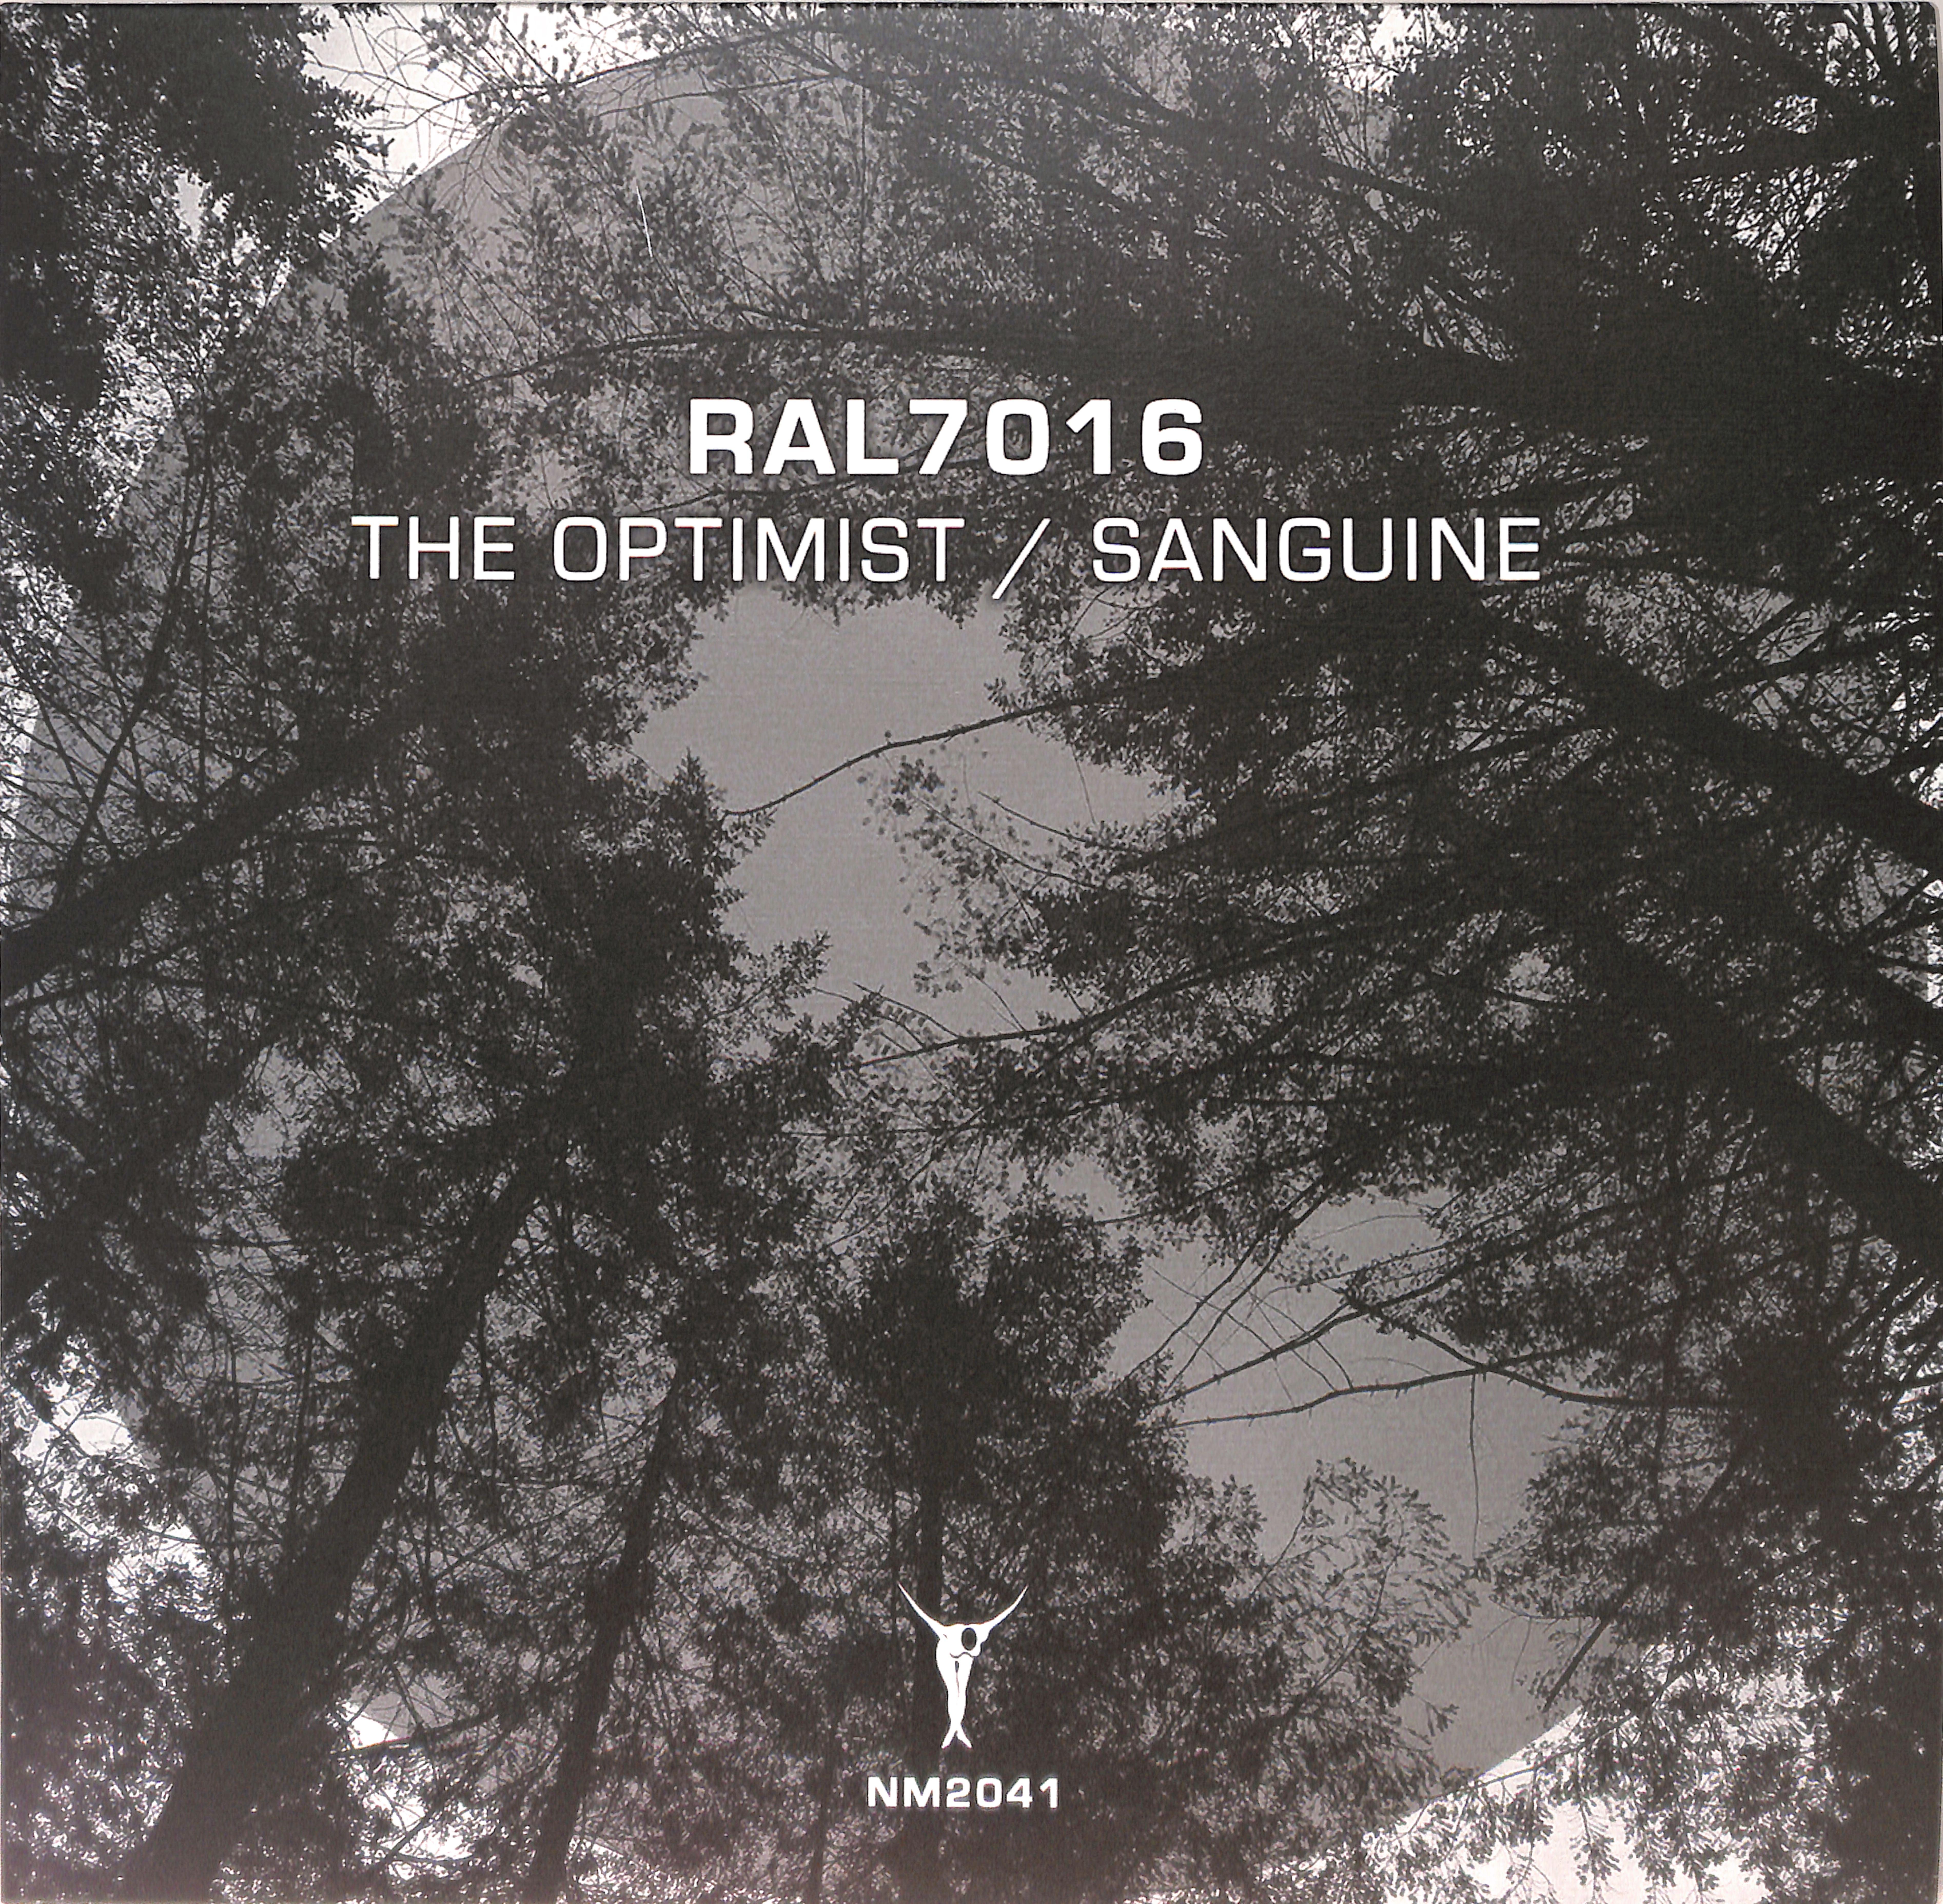 RAL7016 - THE OPTIMIST / SANGUINE